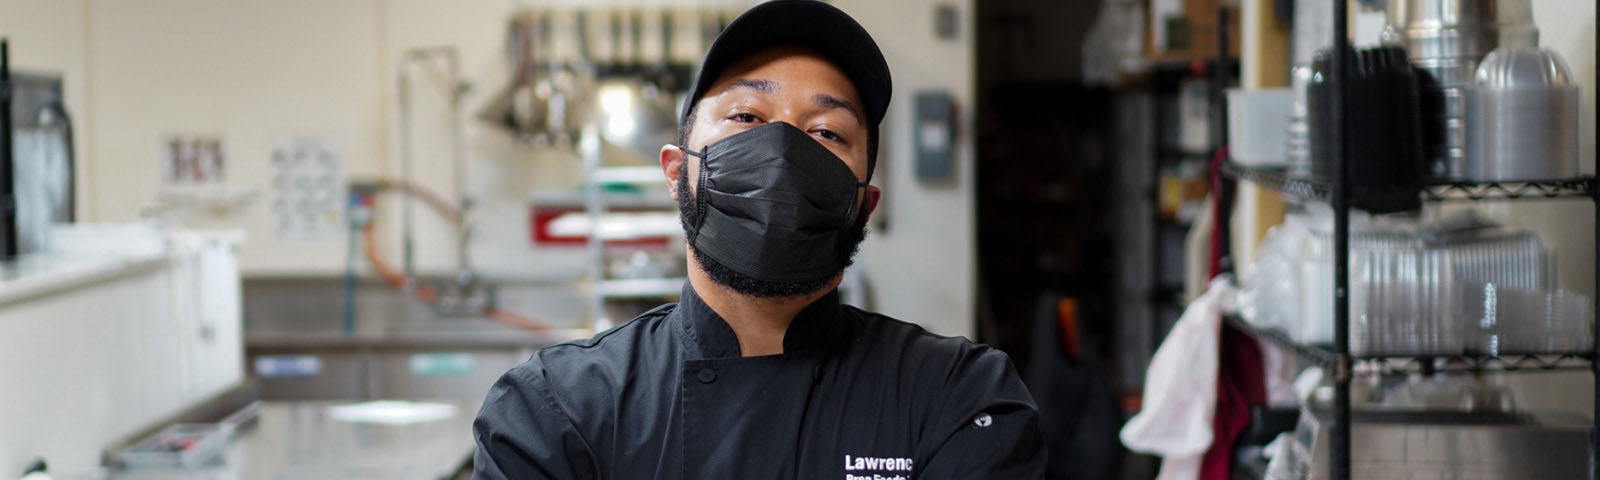 Lawrence, Prepared Foods Team Leader